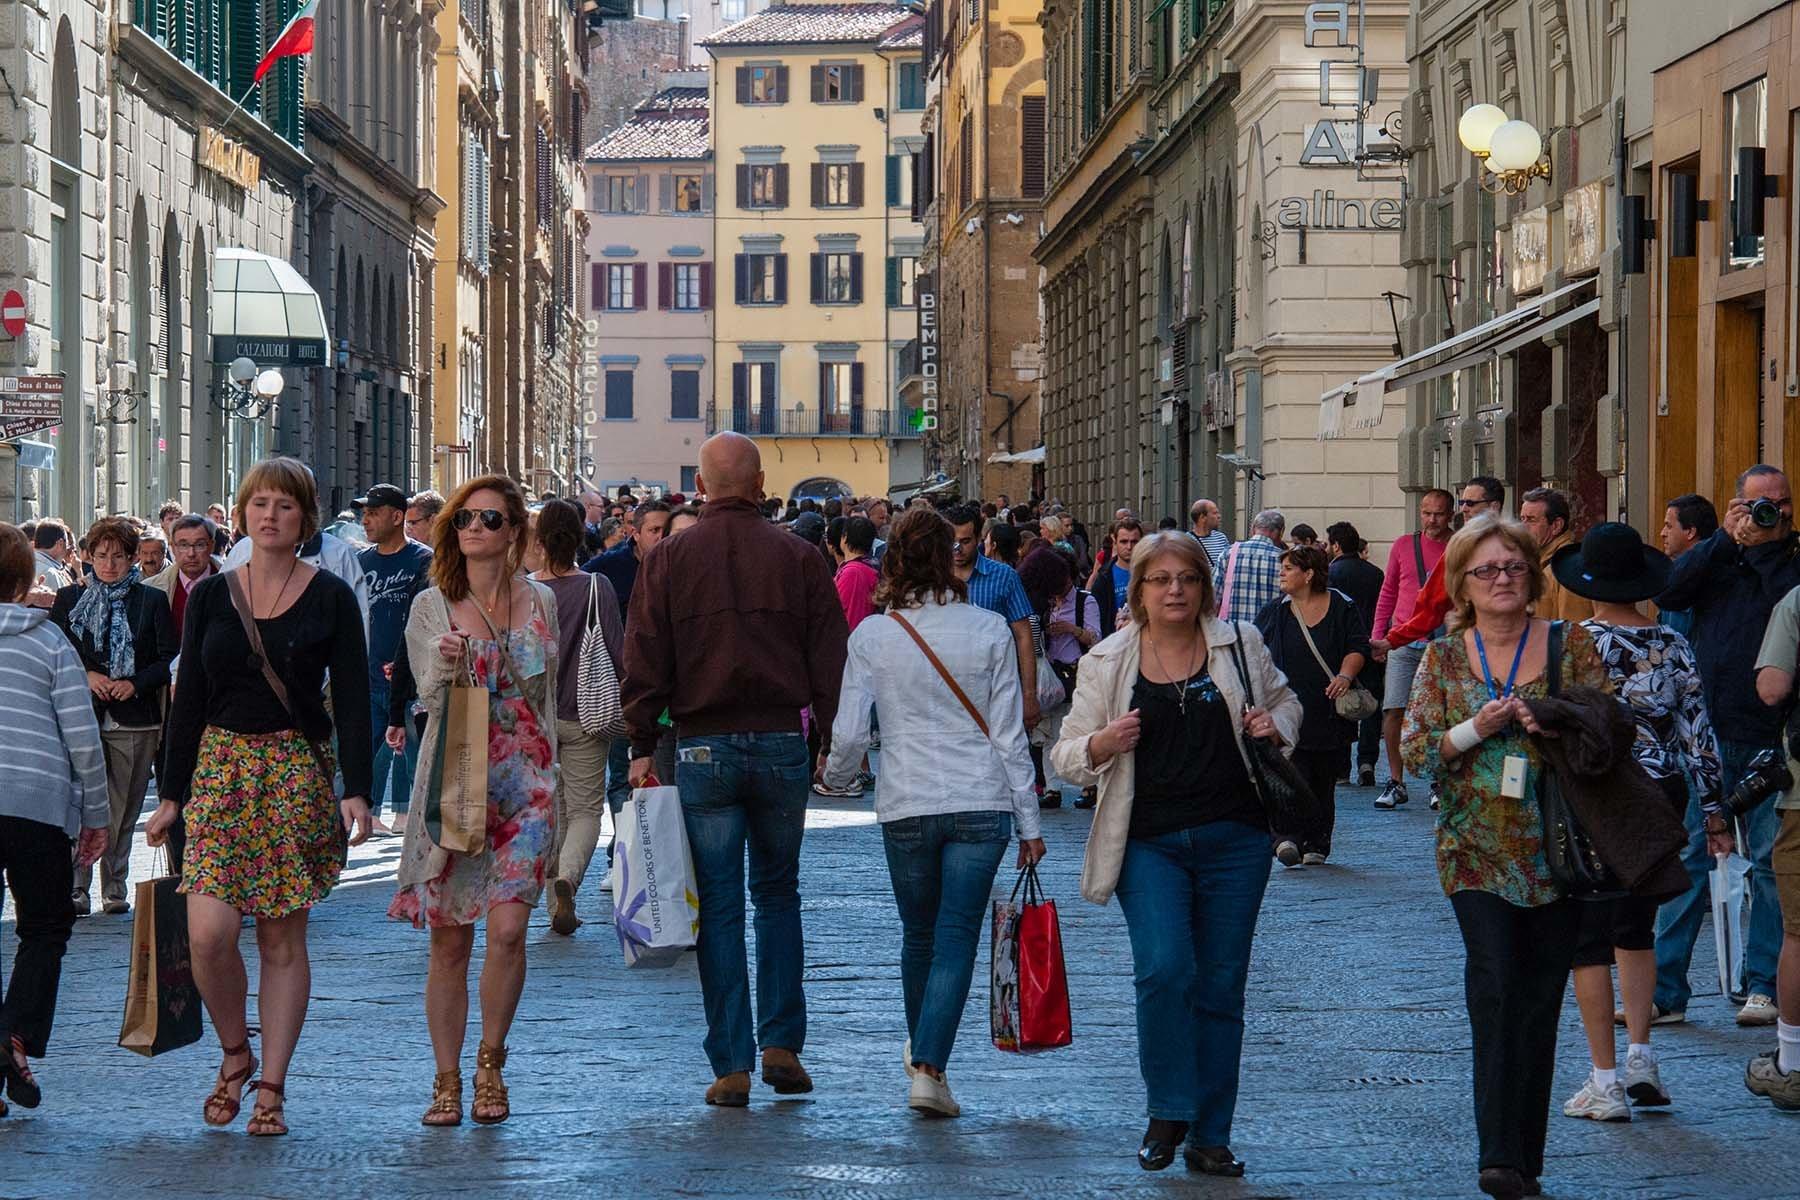 Turyści i mieszkańcy Florencji na głównej ulicy miasta.